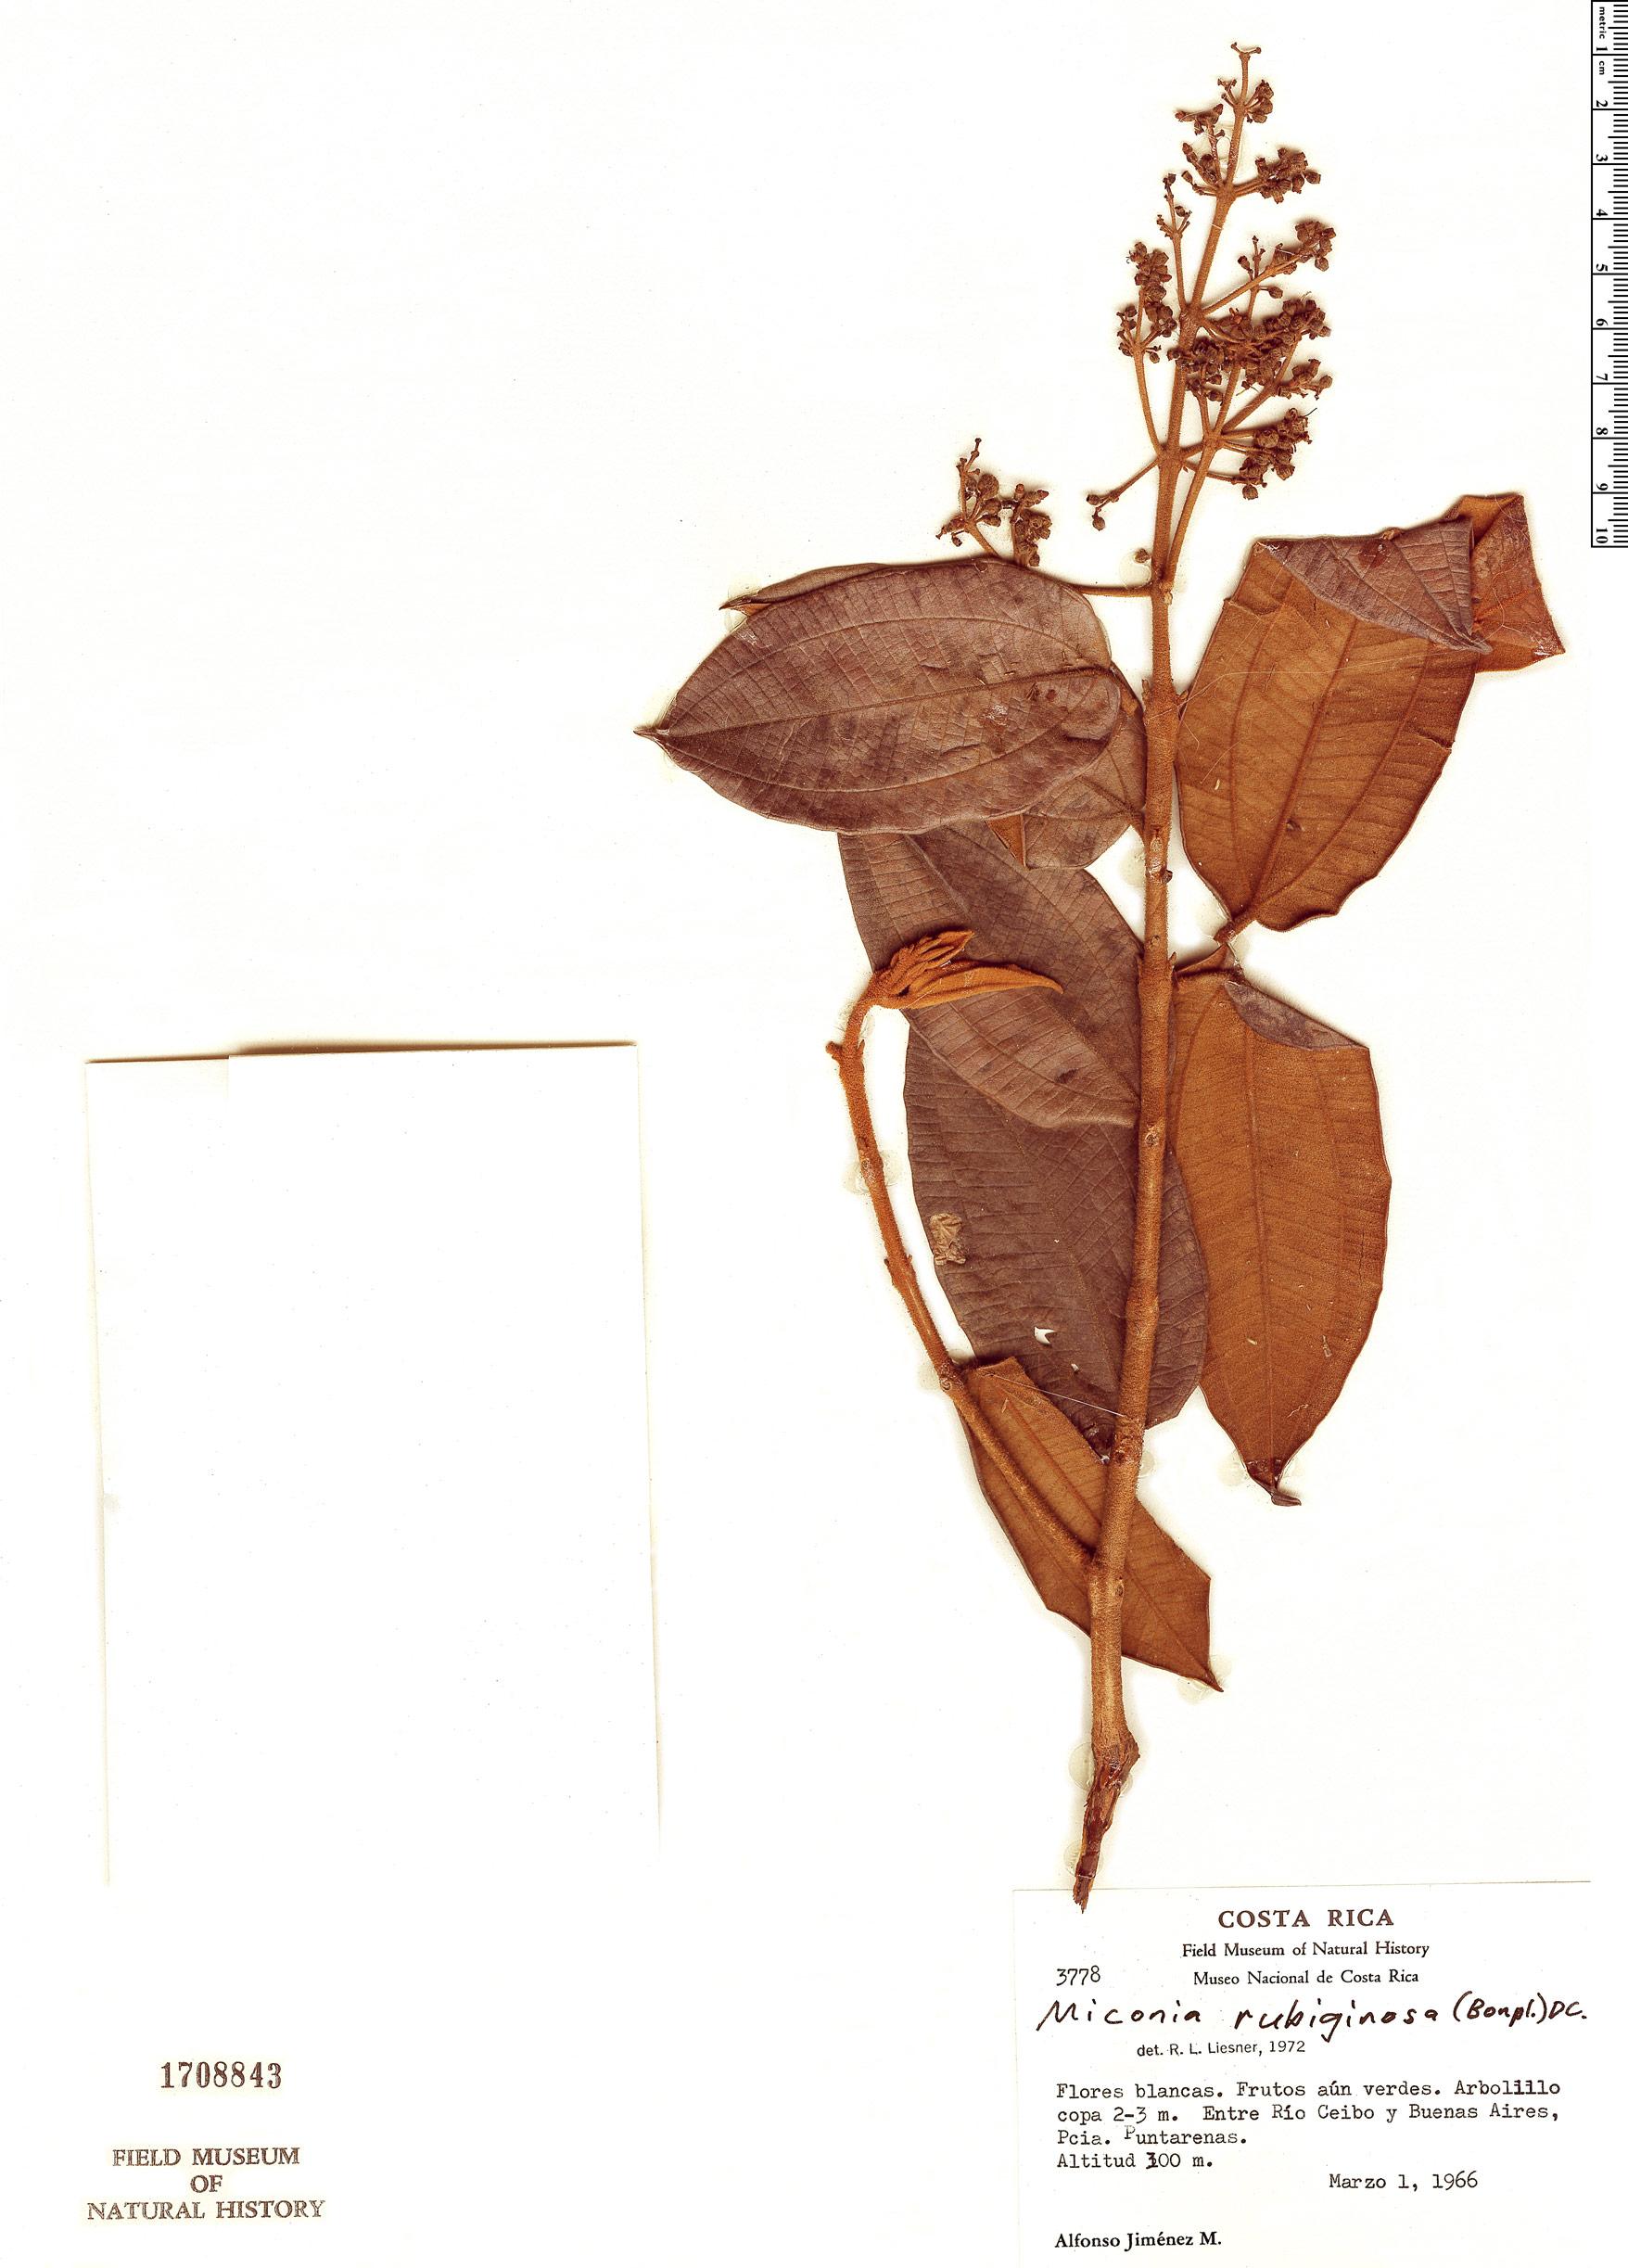 Specimen: Miconia rubiginosa